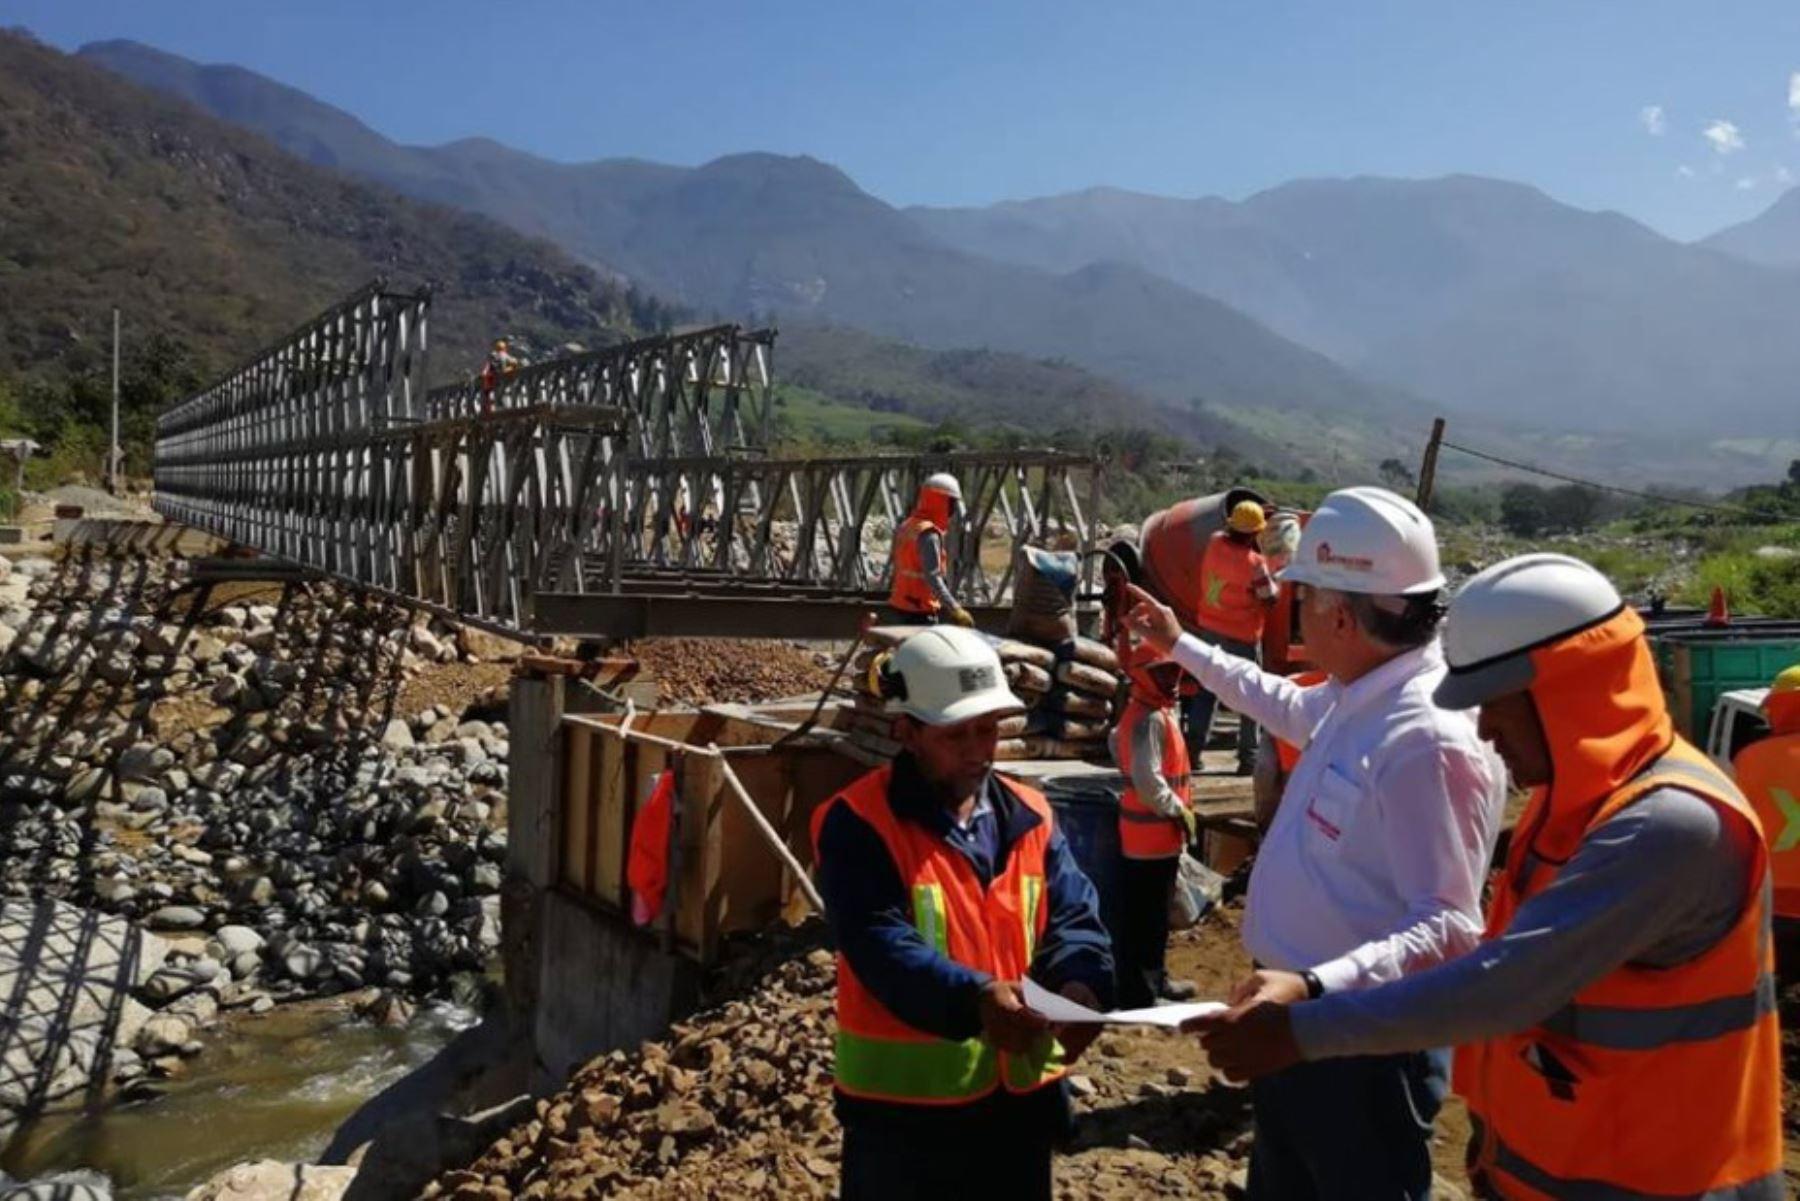 En nueve regiones del país afectadas por El Niño Costero se instalarán 86 puentes modulares con el objetivo de restablecer la conectividad entre sus poblaciones, anunció la Autoridad para la Reconstrucción con Cambios. A continuación, conozca en qué lugares se colocarán estas plataformas viales.